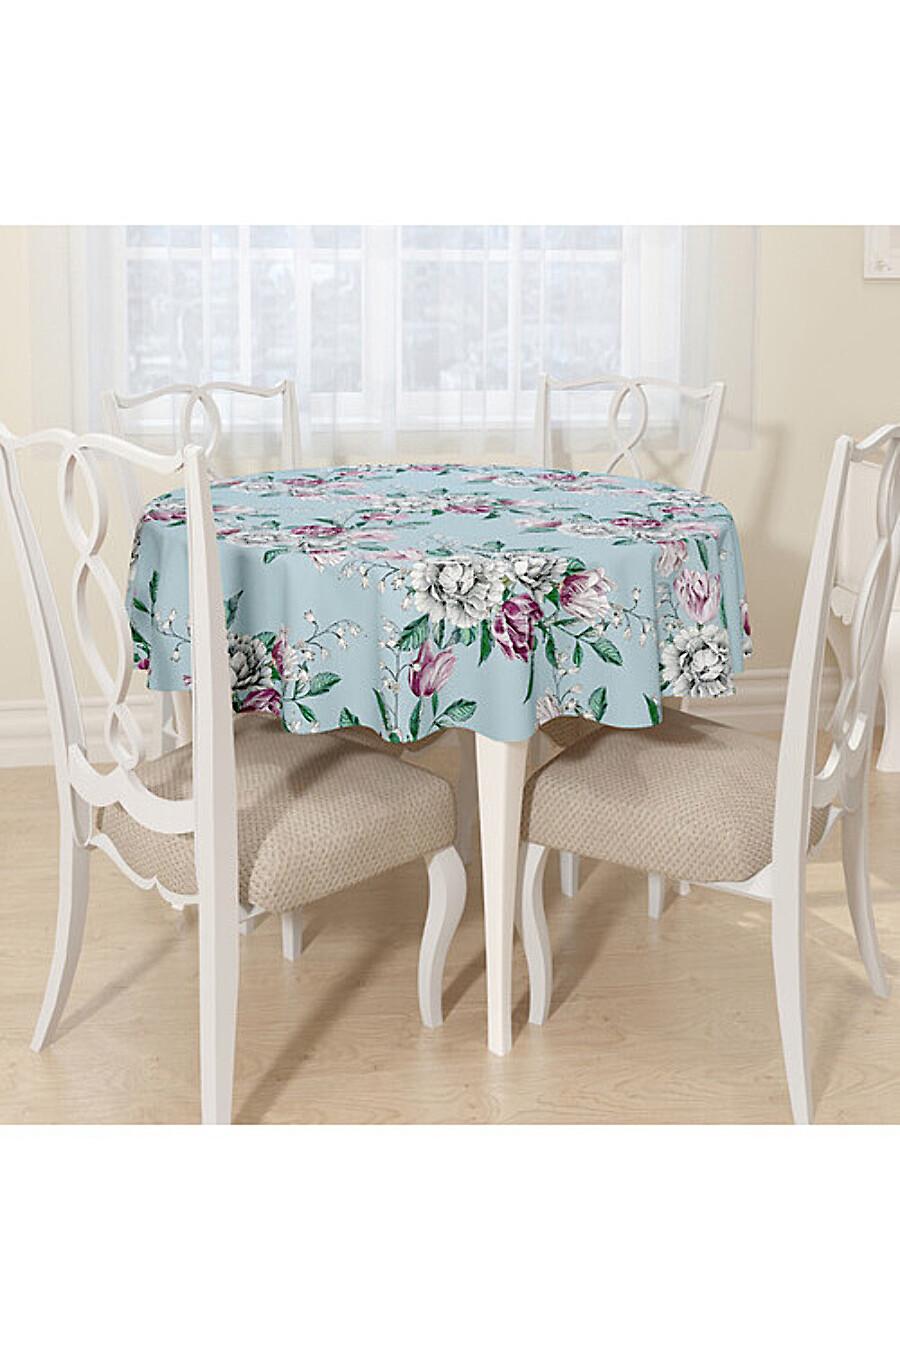 Скатерть для дома ART HOME TEXTILE 180130 купить оптом от производителя. Совместная покупка товаров для дома в OptMoyo